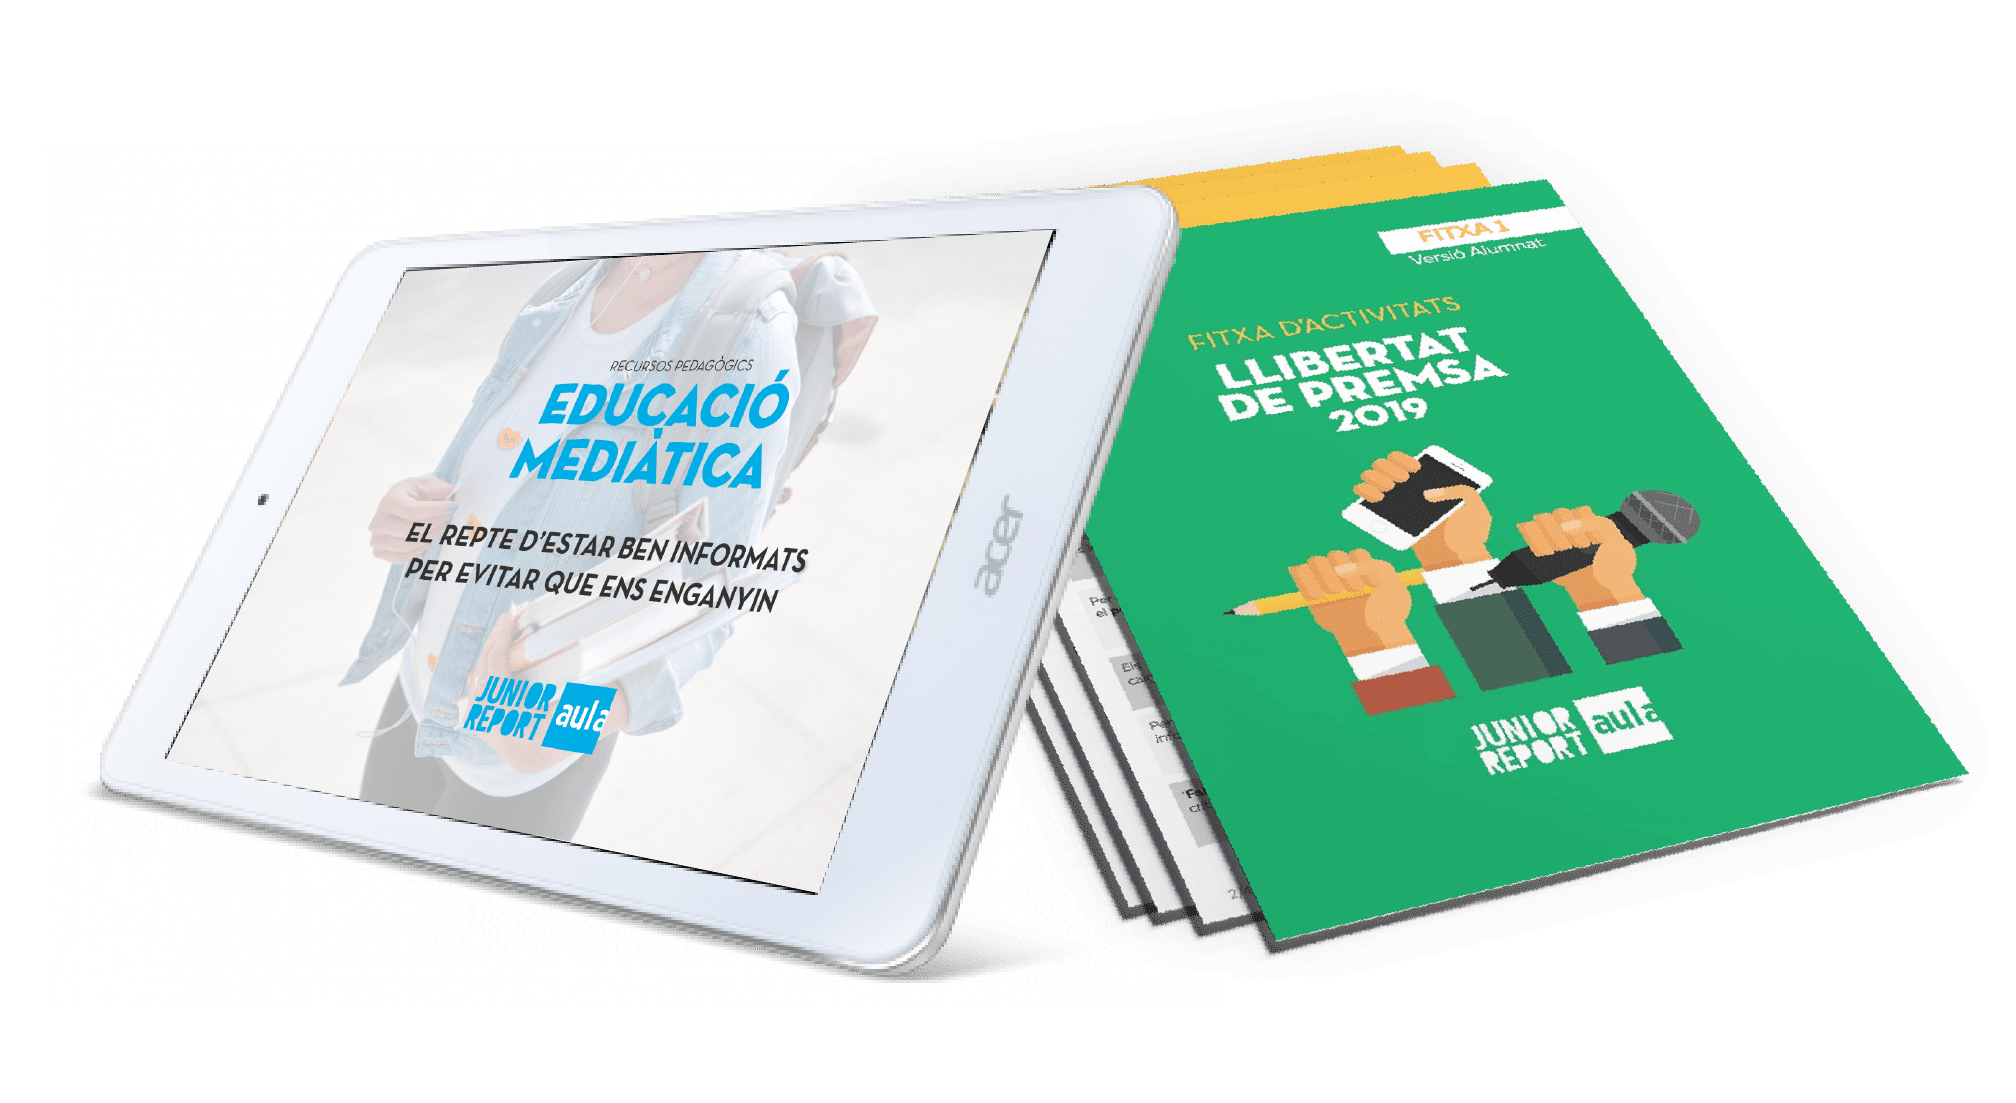 Ipad Acer con una imagen de Recursos Pedagògics Educación Mediàtica y 3 hojas con fichas de actividades Llibetat de premsa de Junior Report Aula